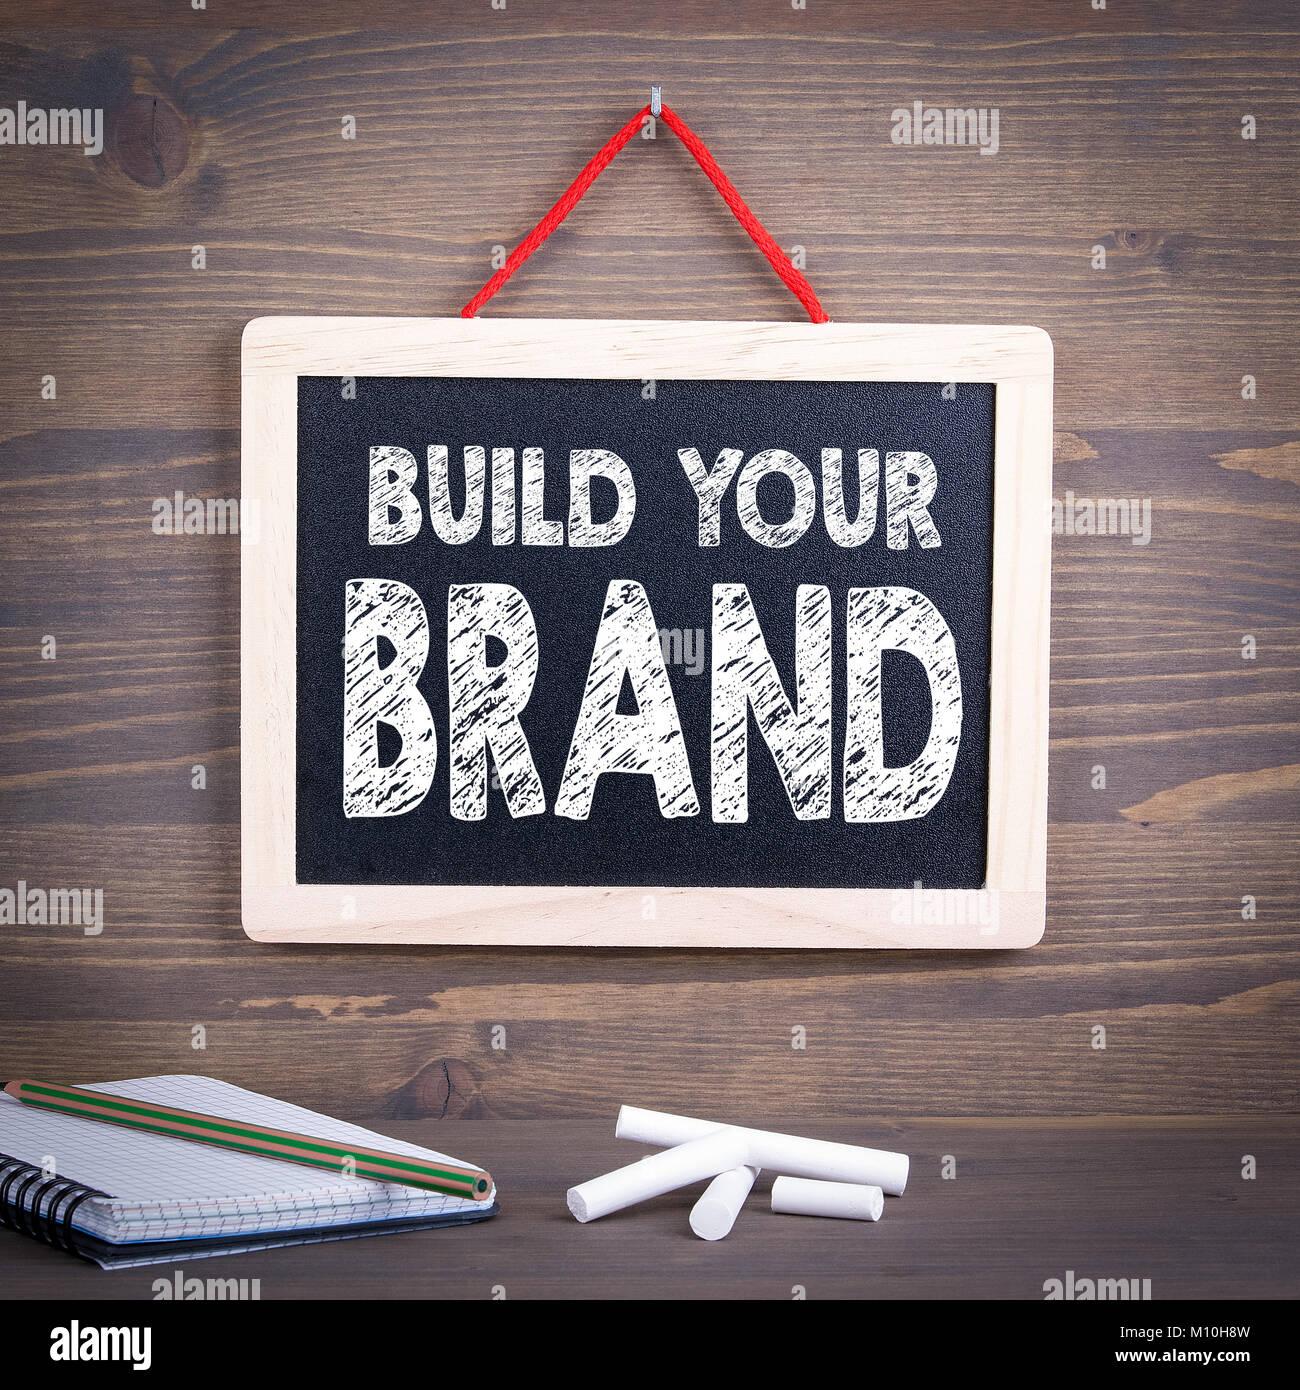 Ihre Marke Konzept bauen. Tafel auf einem hölzernen Hintergrund Stockbild